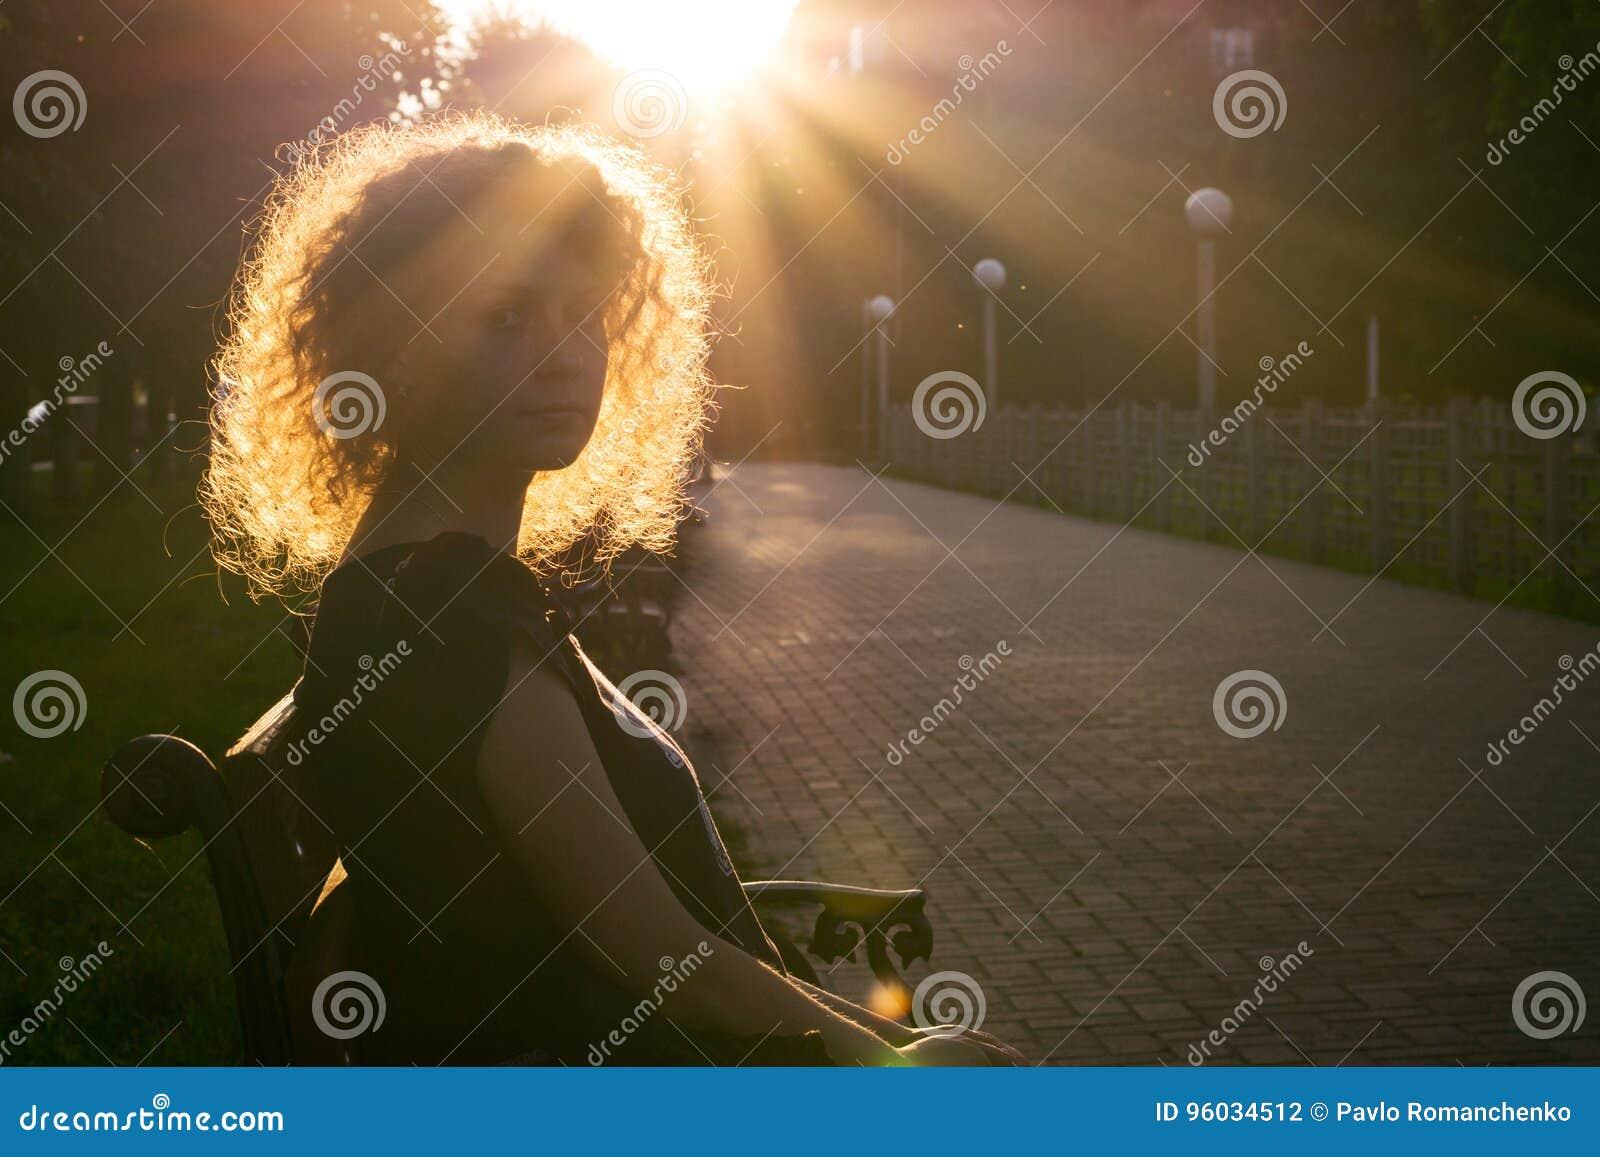 Profilowy portret kędzierzawa dziewczyna przeciw złotemu słońce racy w sumie